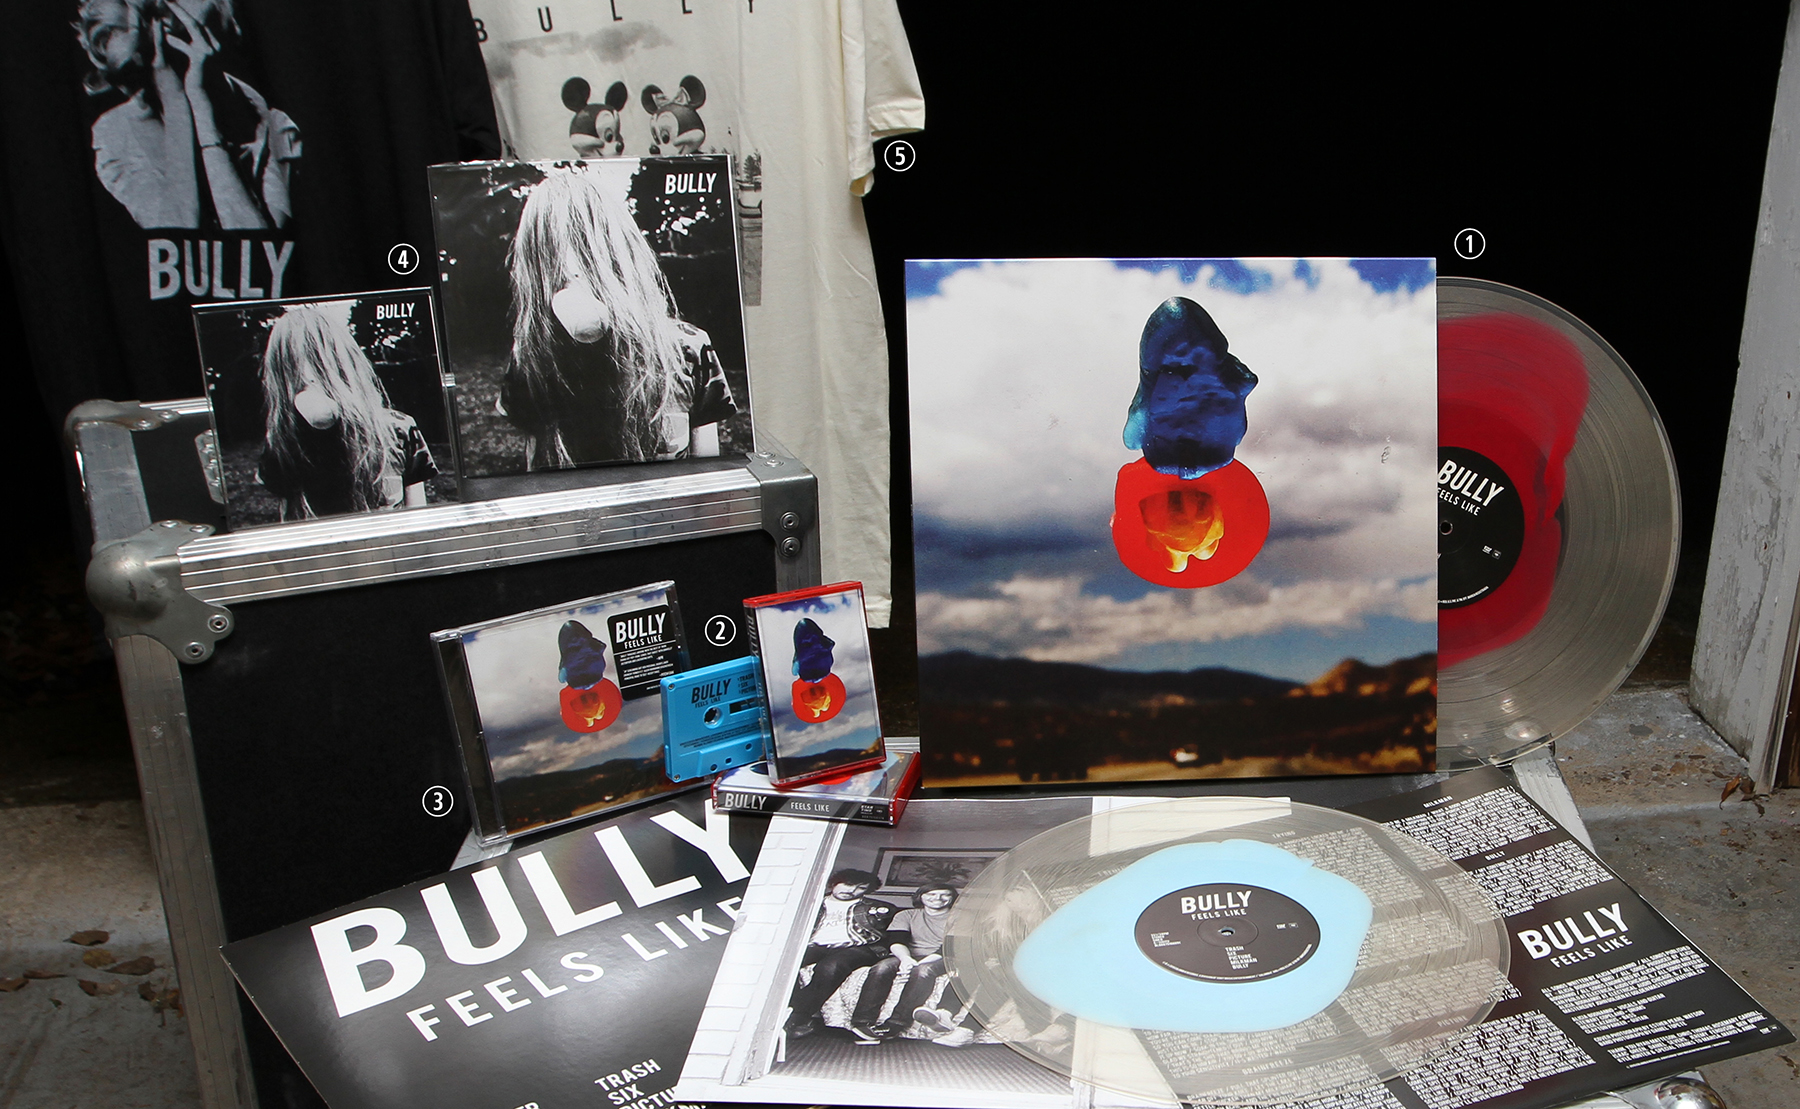 """(1) Feels Like Vinyl LP // Columbia/Startime 2015 (2) Feels Like Cassette // Columbia/Startime 2015 (3) Feels Like CD // Columbia/Startime 2015 (4) Bully EP CD & 45"""" // Self Released 2014 (5) Various T-Shirts"""